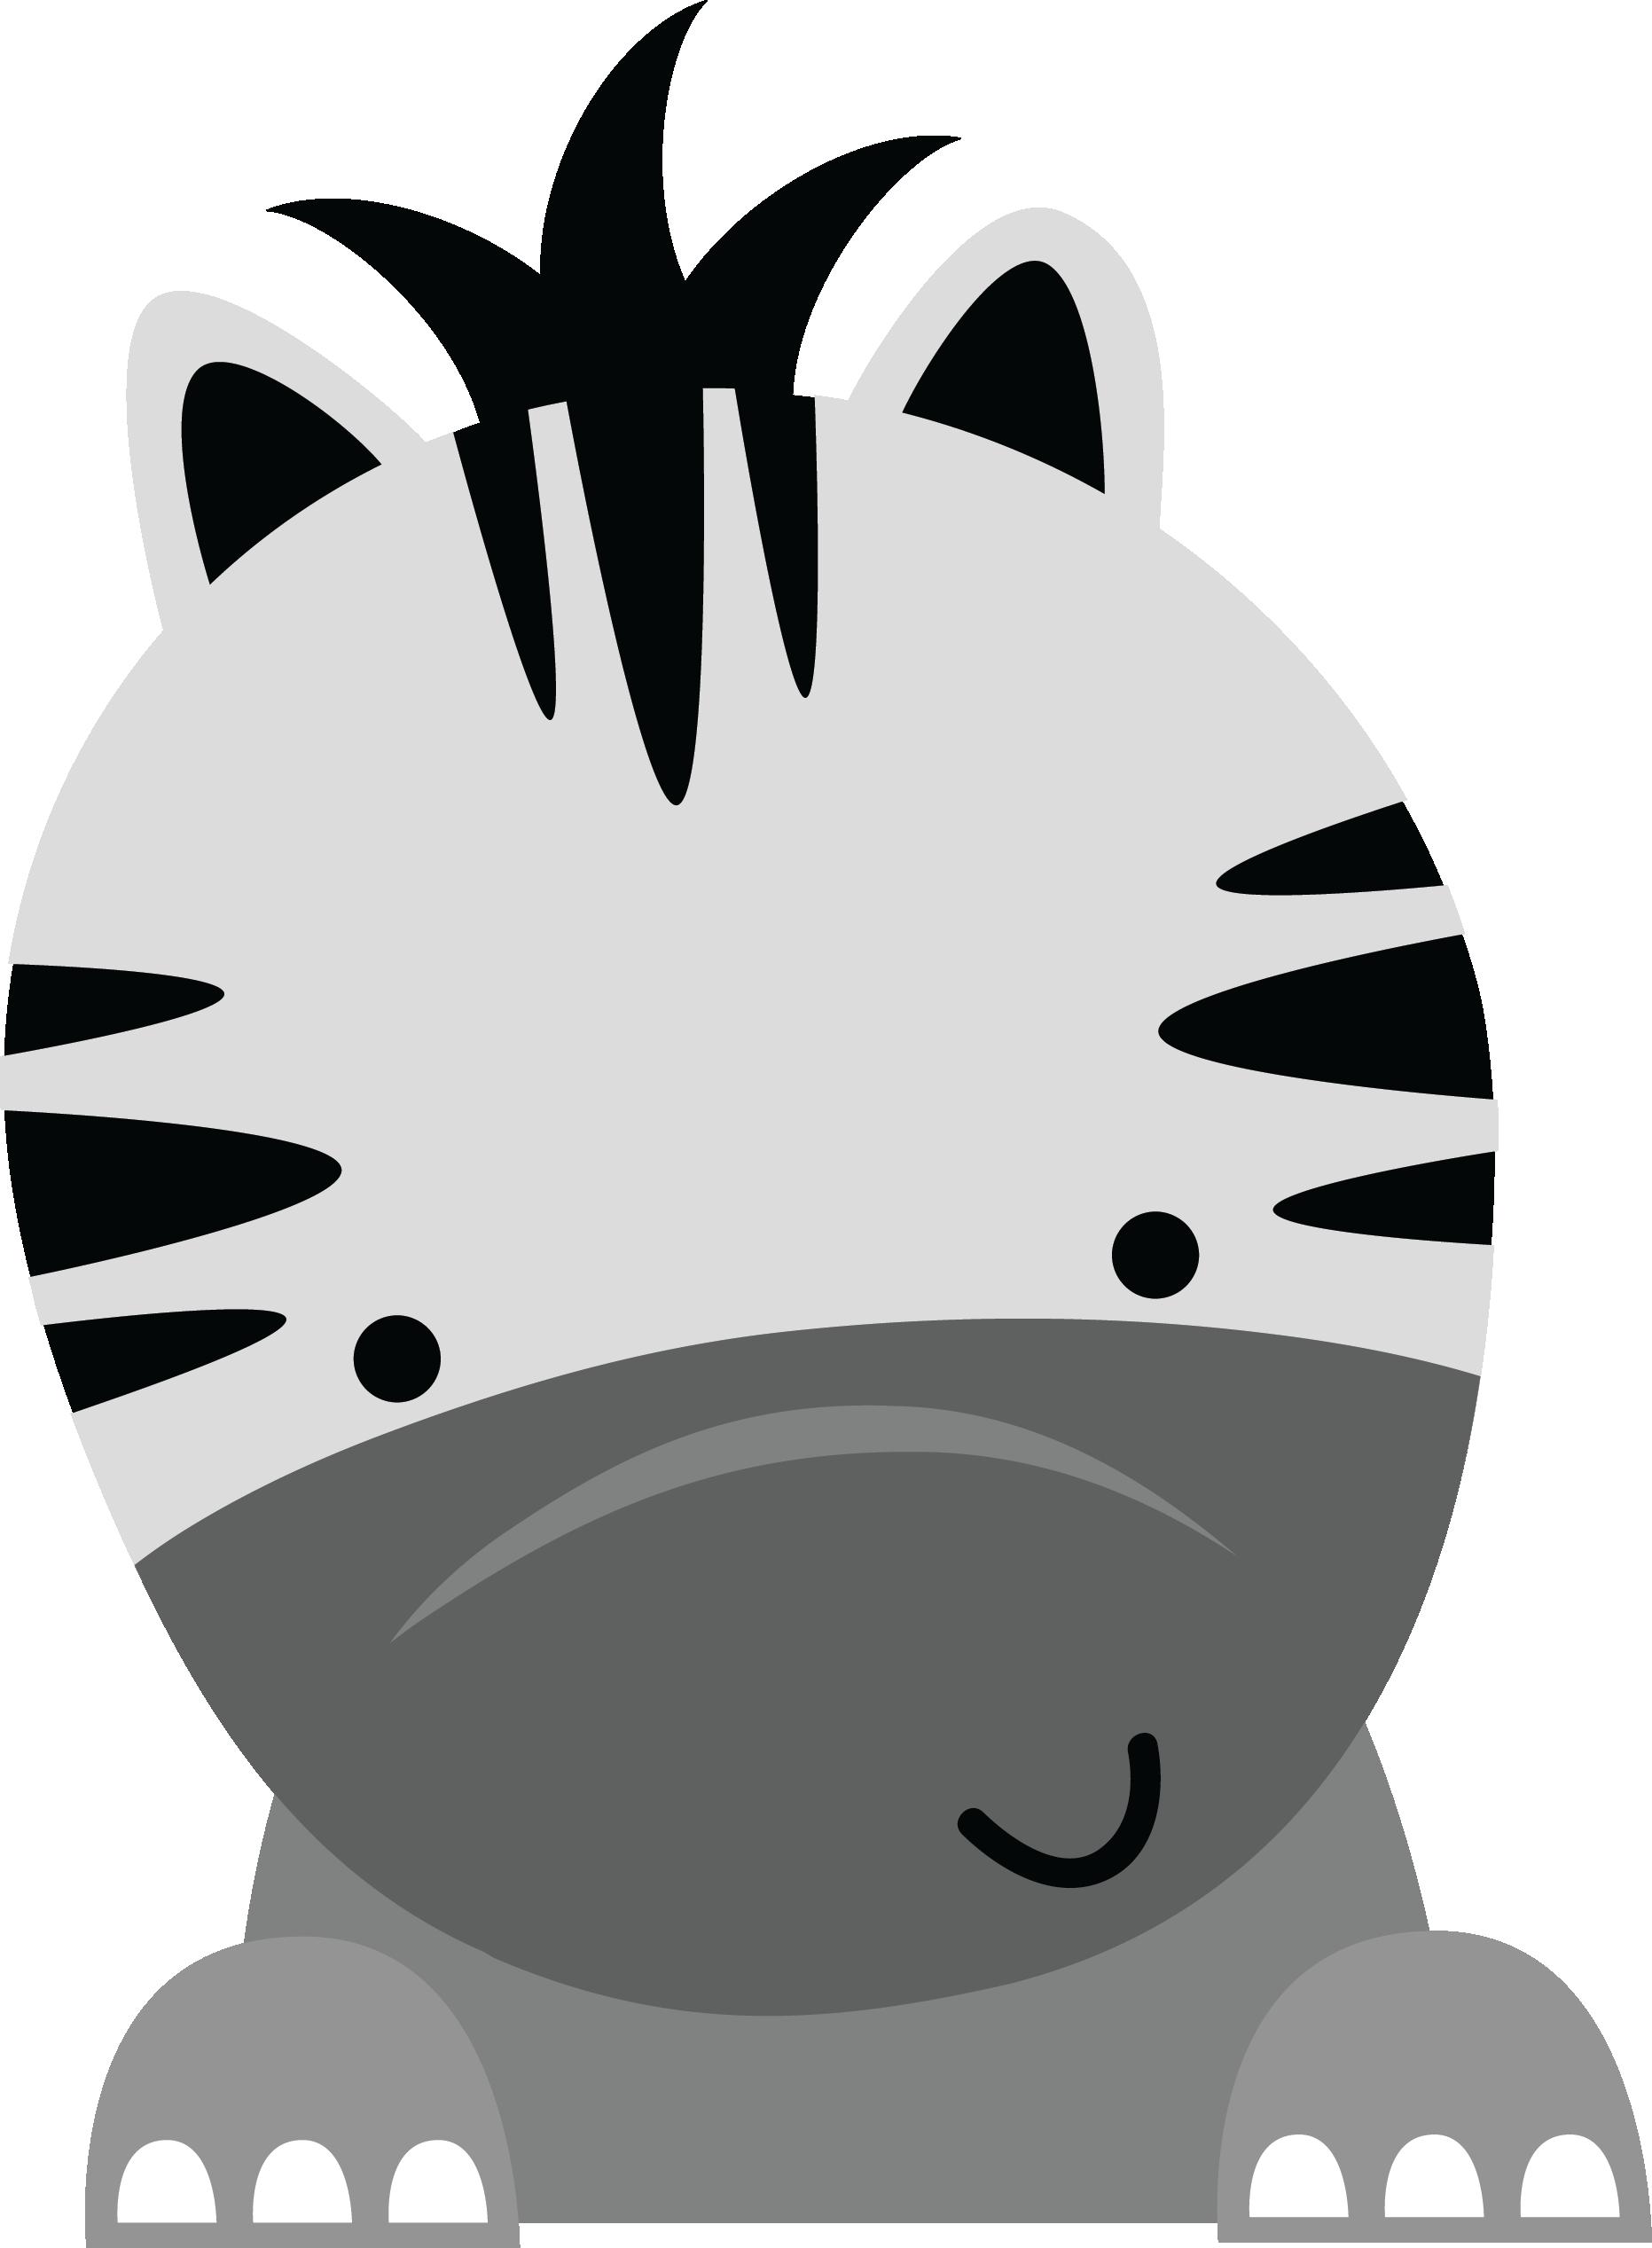 Zebra holding money clipart